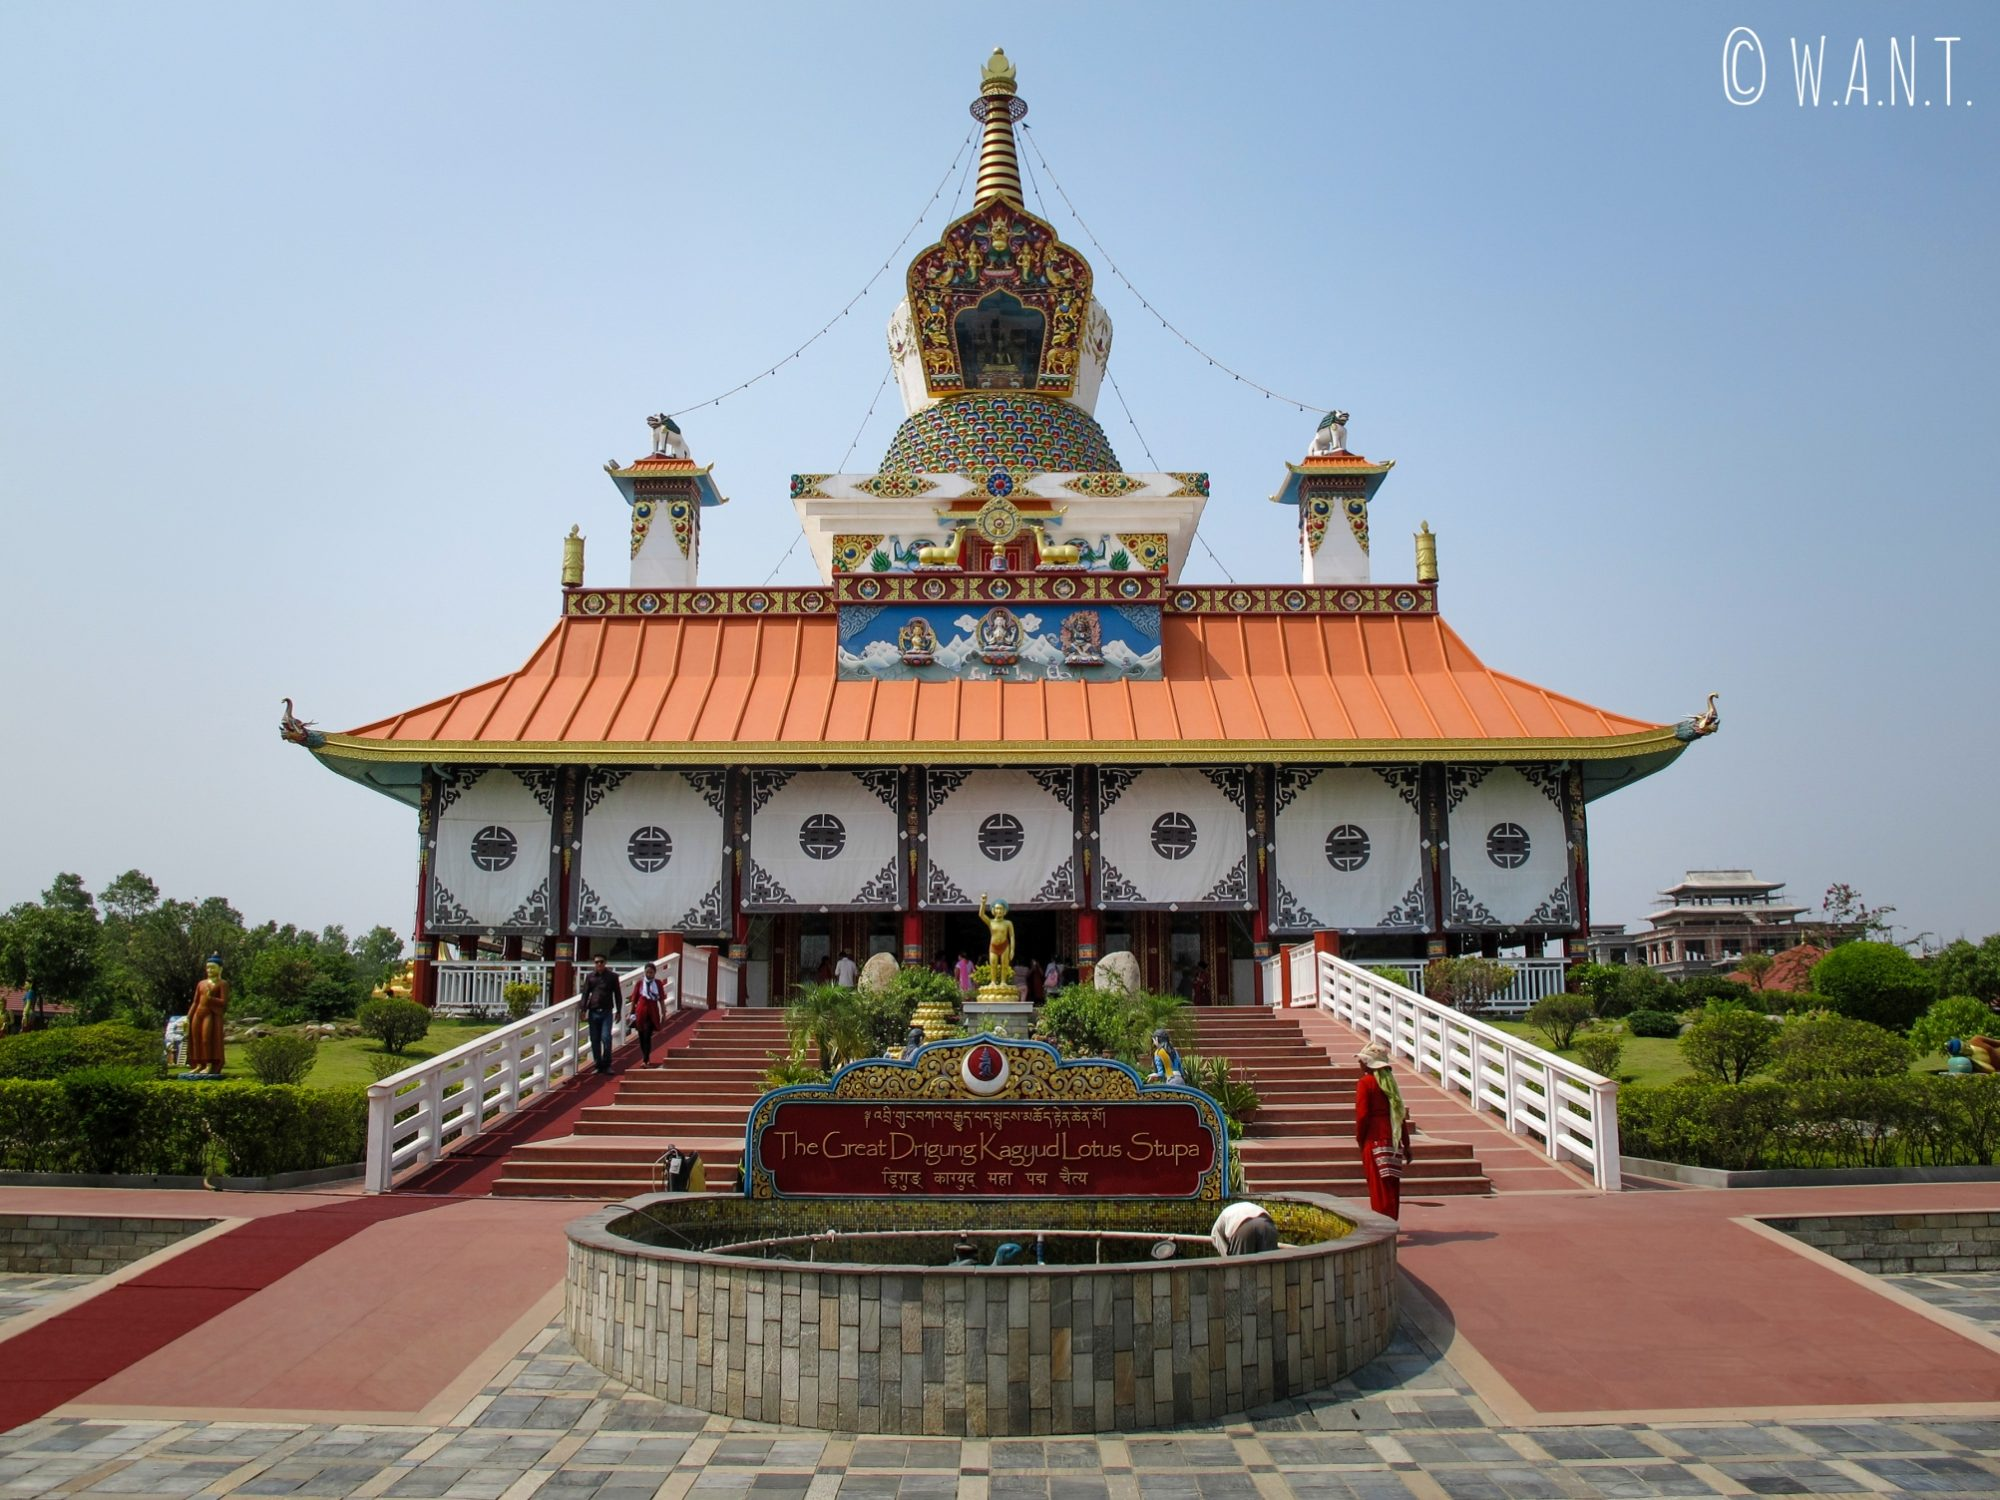 Vue depuis l'entrée du Lotus stupa construit par l'Allemagne